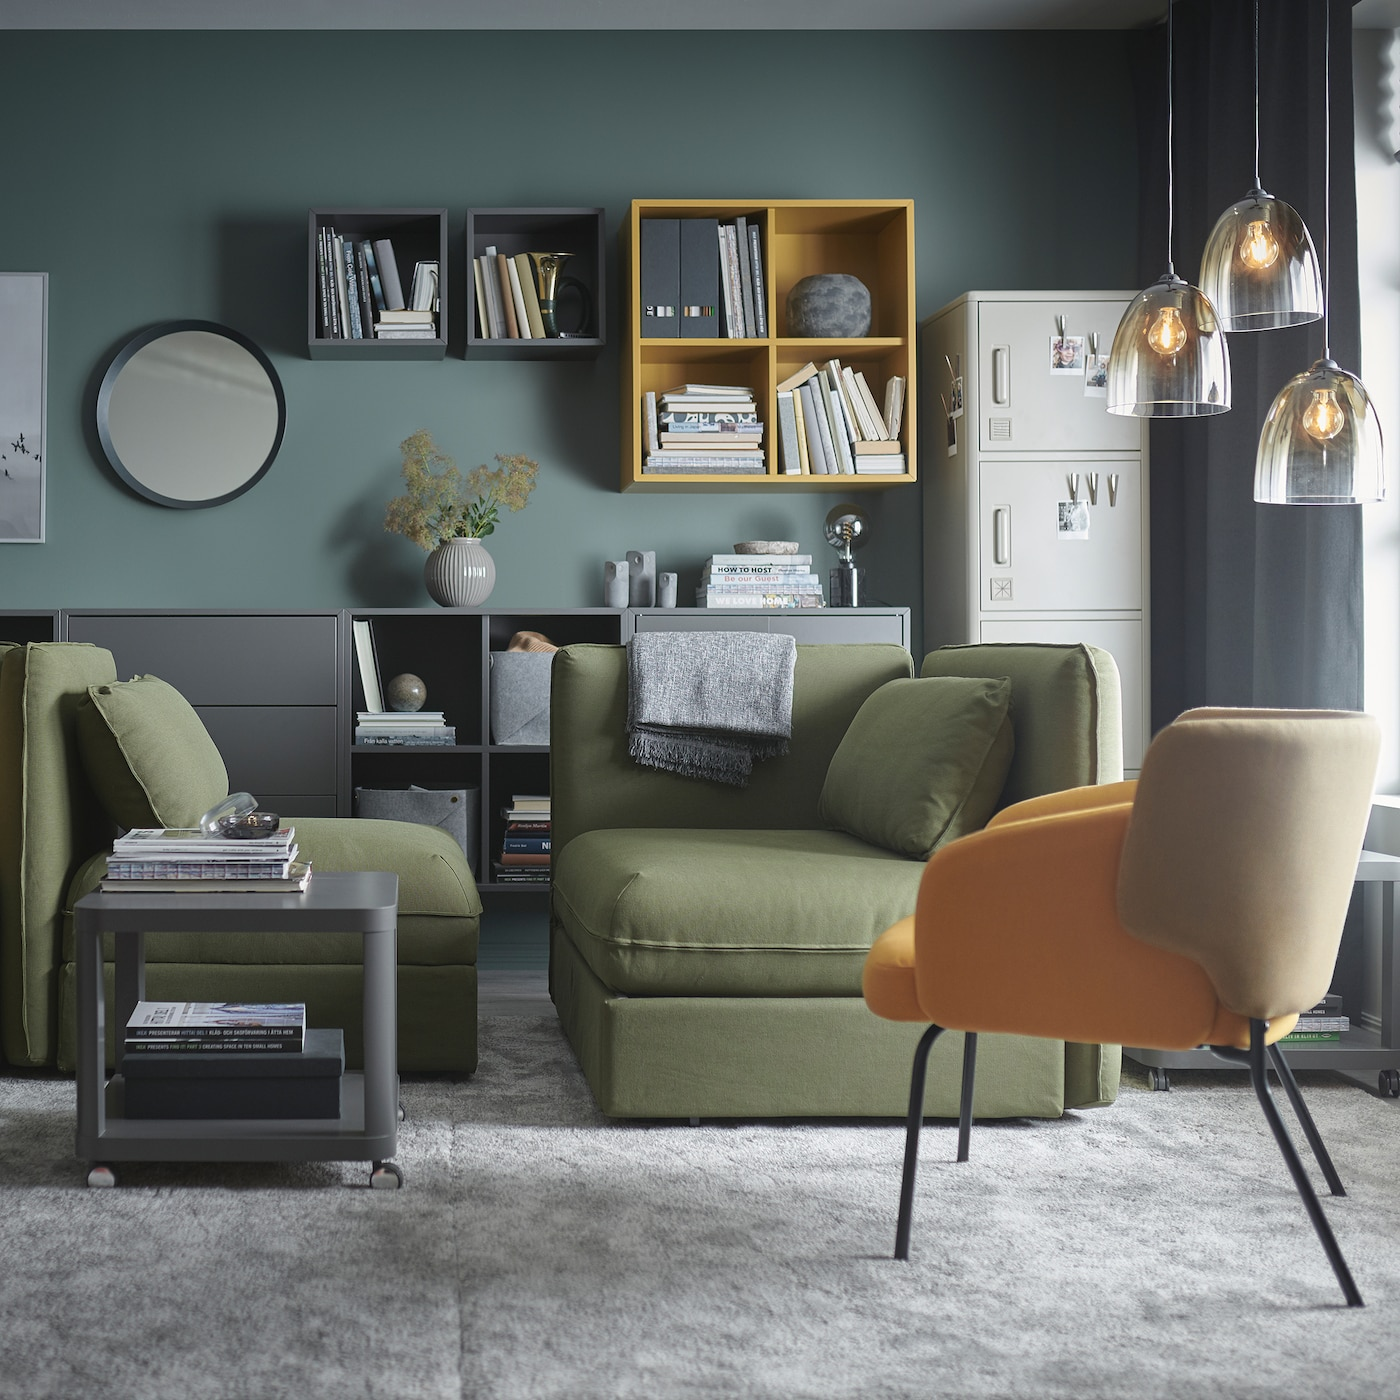 Amabile Credenze Soggiorno Ikea - Design Soggiorno